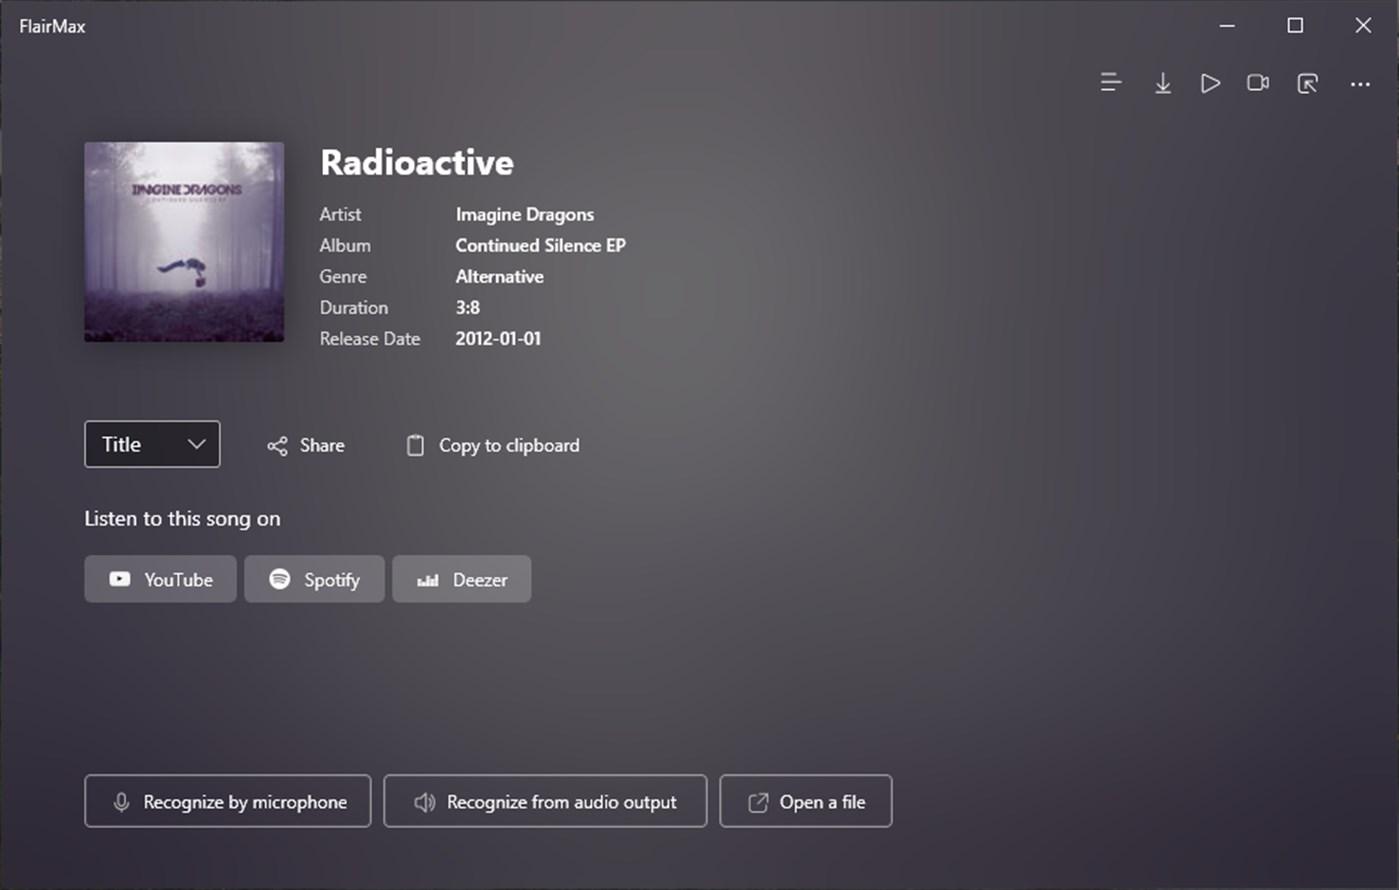 FlairMax - App per Windows - Riconosci la musica e mostra il testo